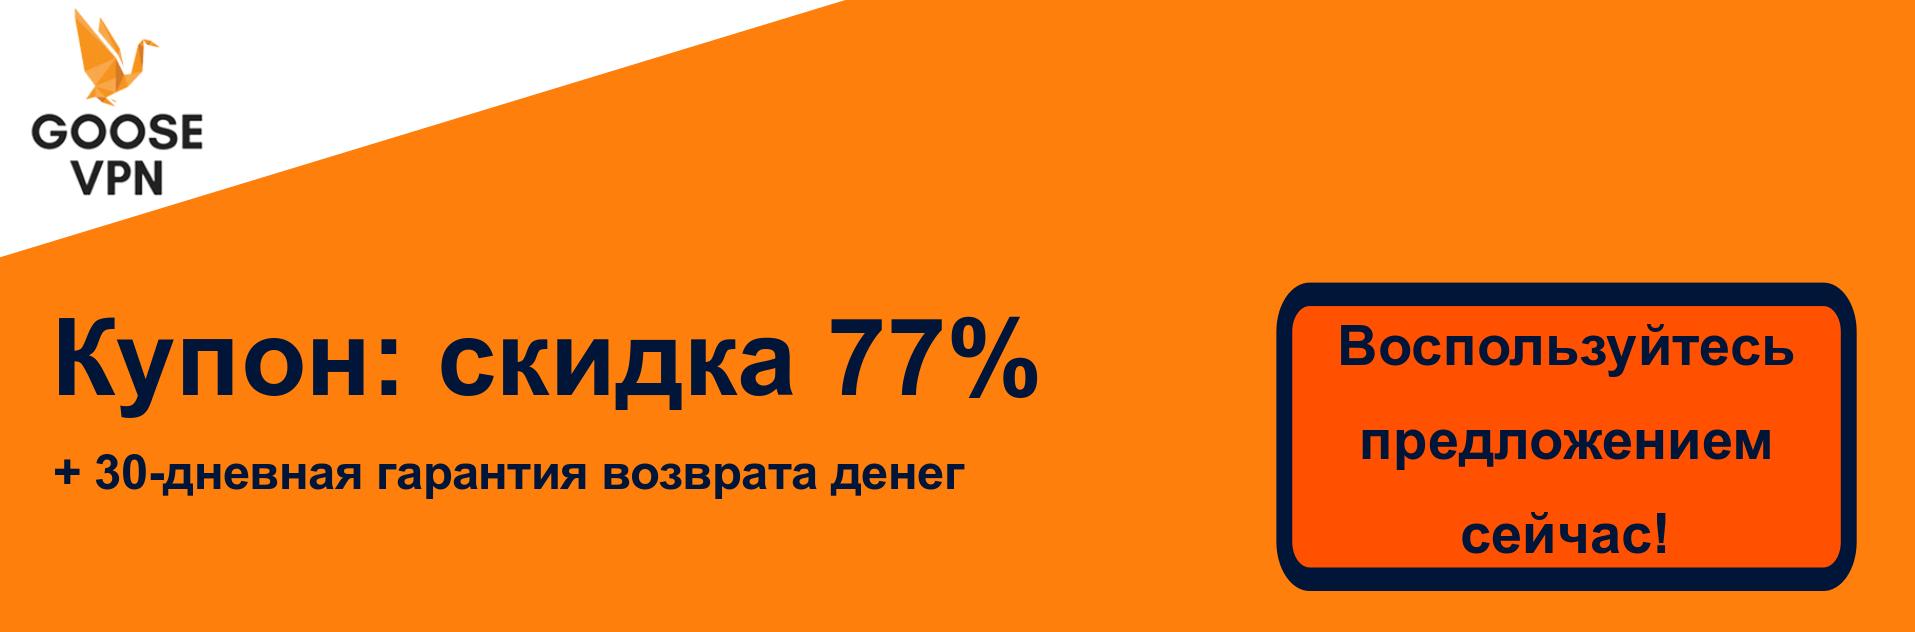 Купон GooseVPN - скидка 77%